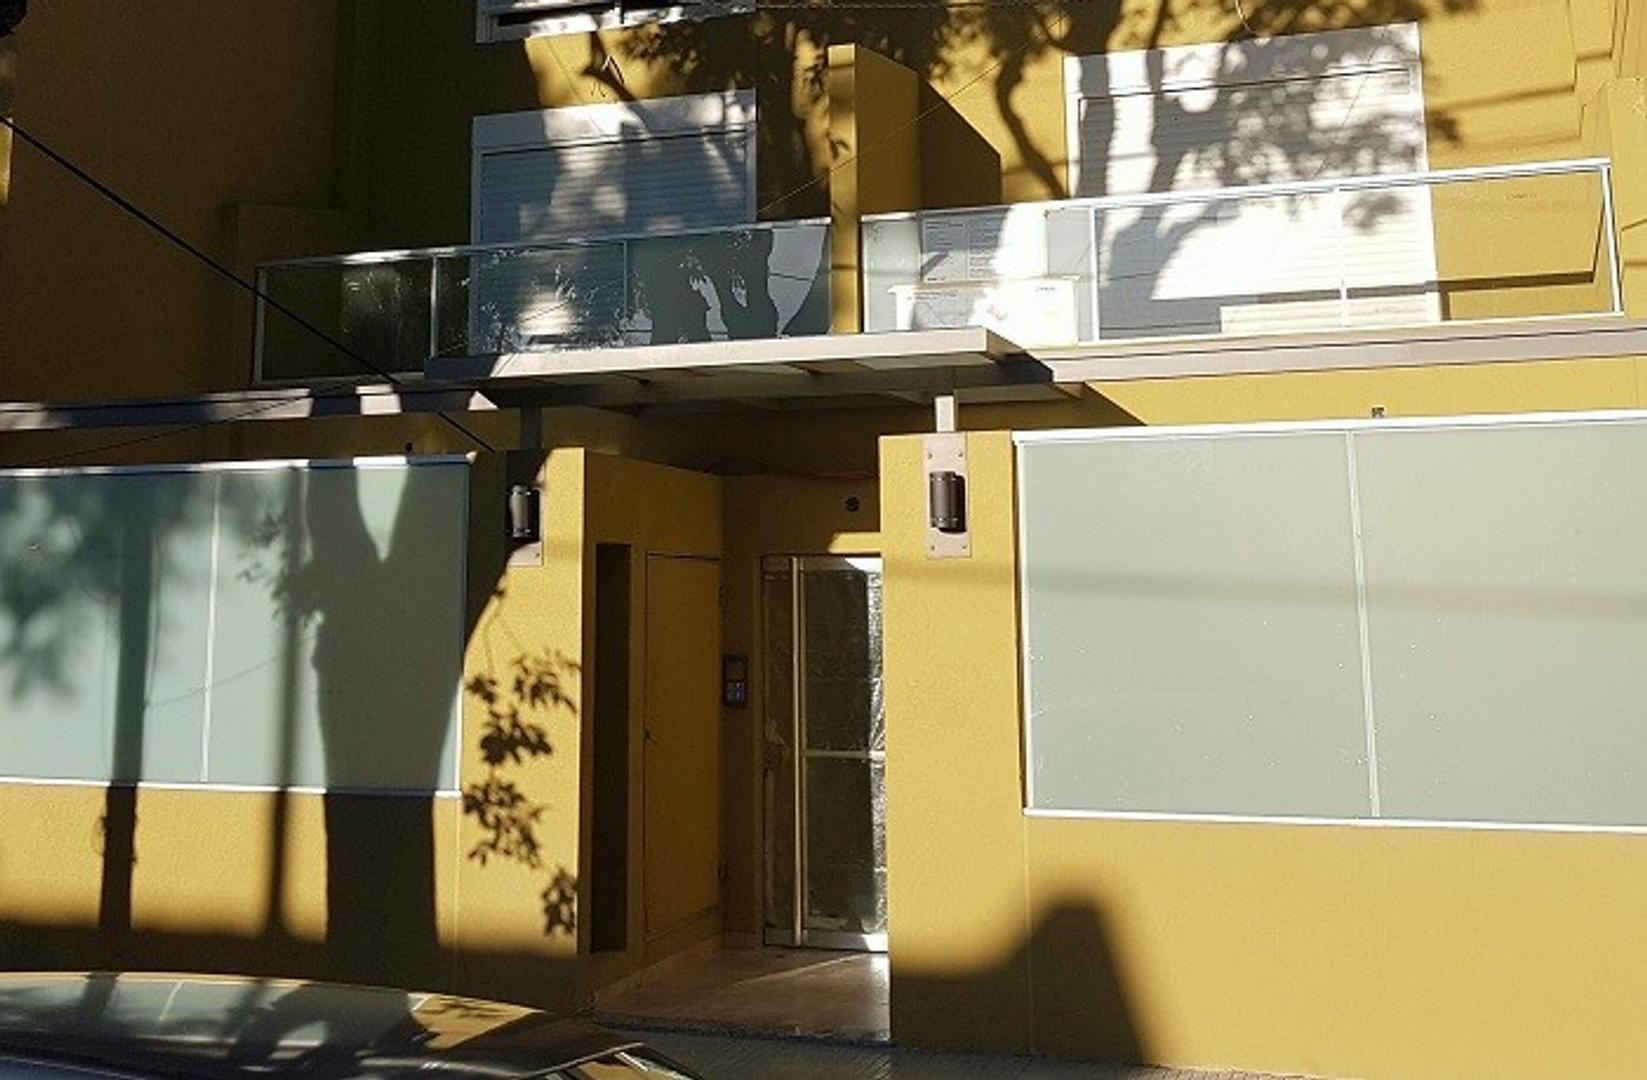 Dpto.1 Amb. a Estrenar - U$S 98.000 - Lugones 4855 - Saavedra - Tel. 15 5808 6475